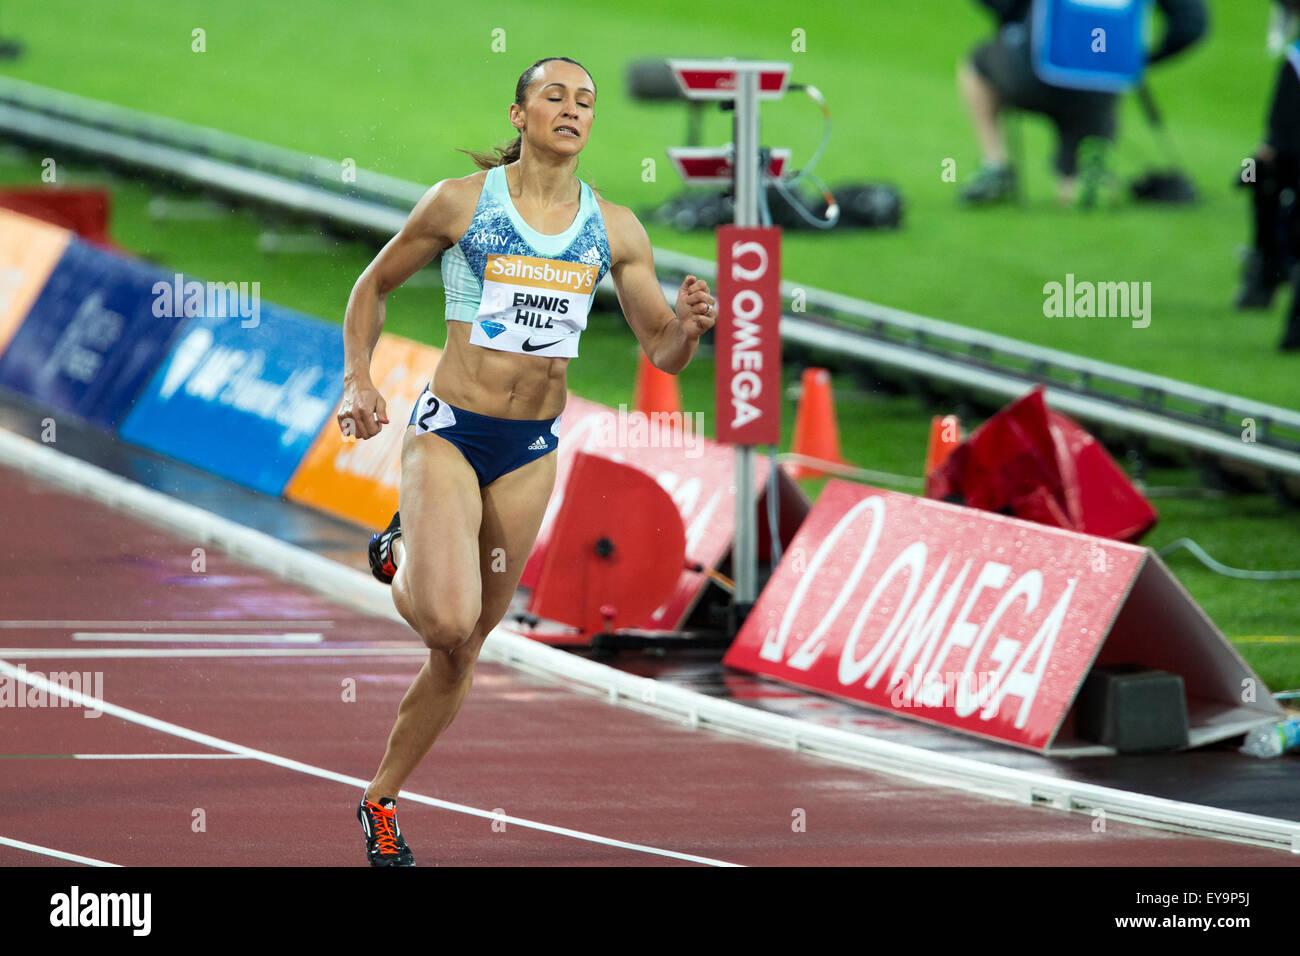 Londra, Regno Unito. Il 24 luglio, 2015. Jessica ENNIS-HILL, Donne 100m ostacoli, Diamond League Sainsbury's Immagini Stock